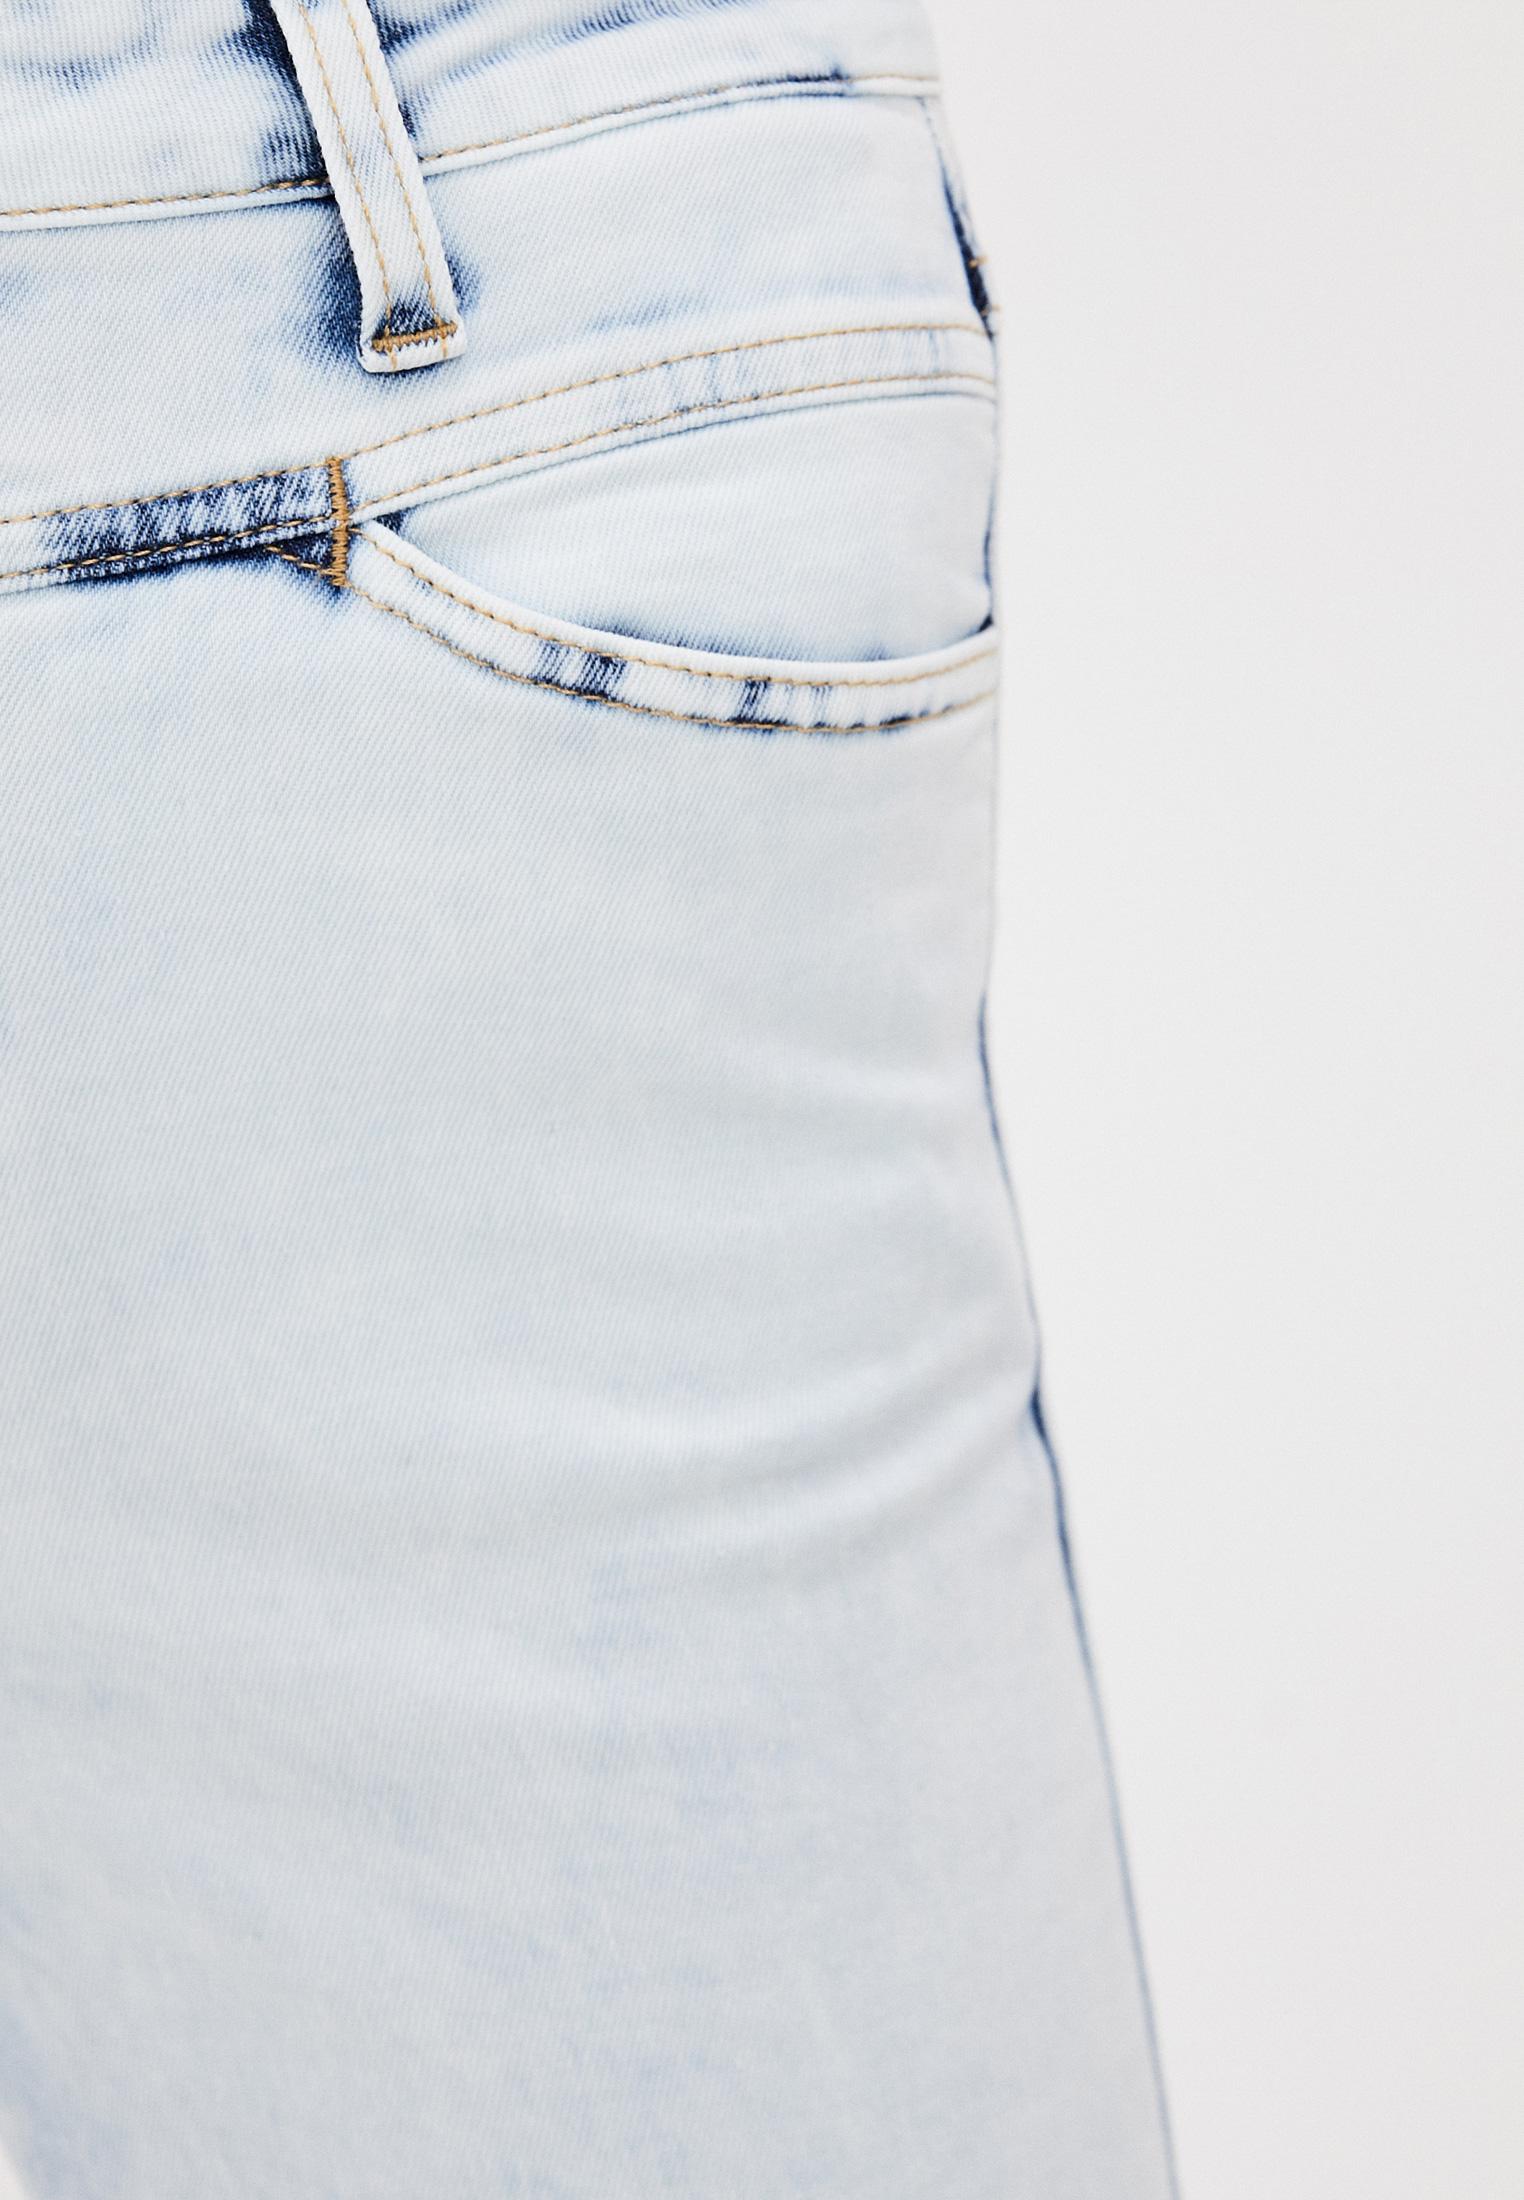 Зауженные джинсы Closed C91231-06E-05: изображение 5